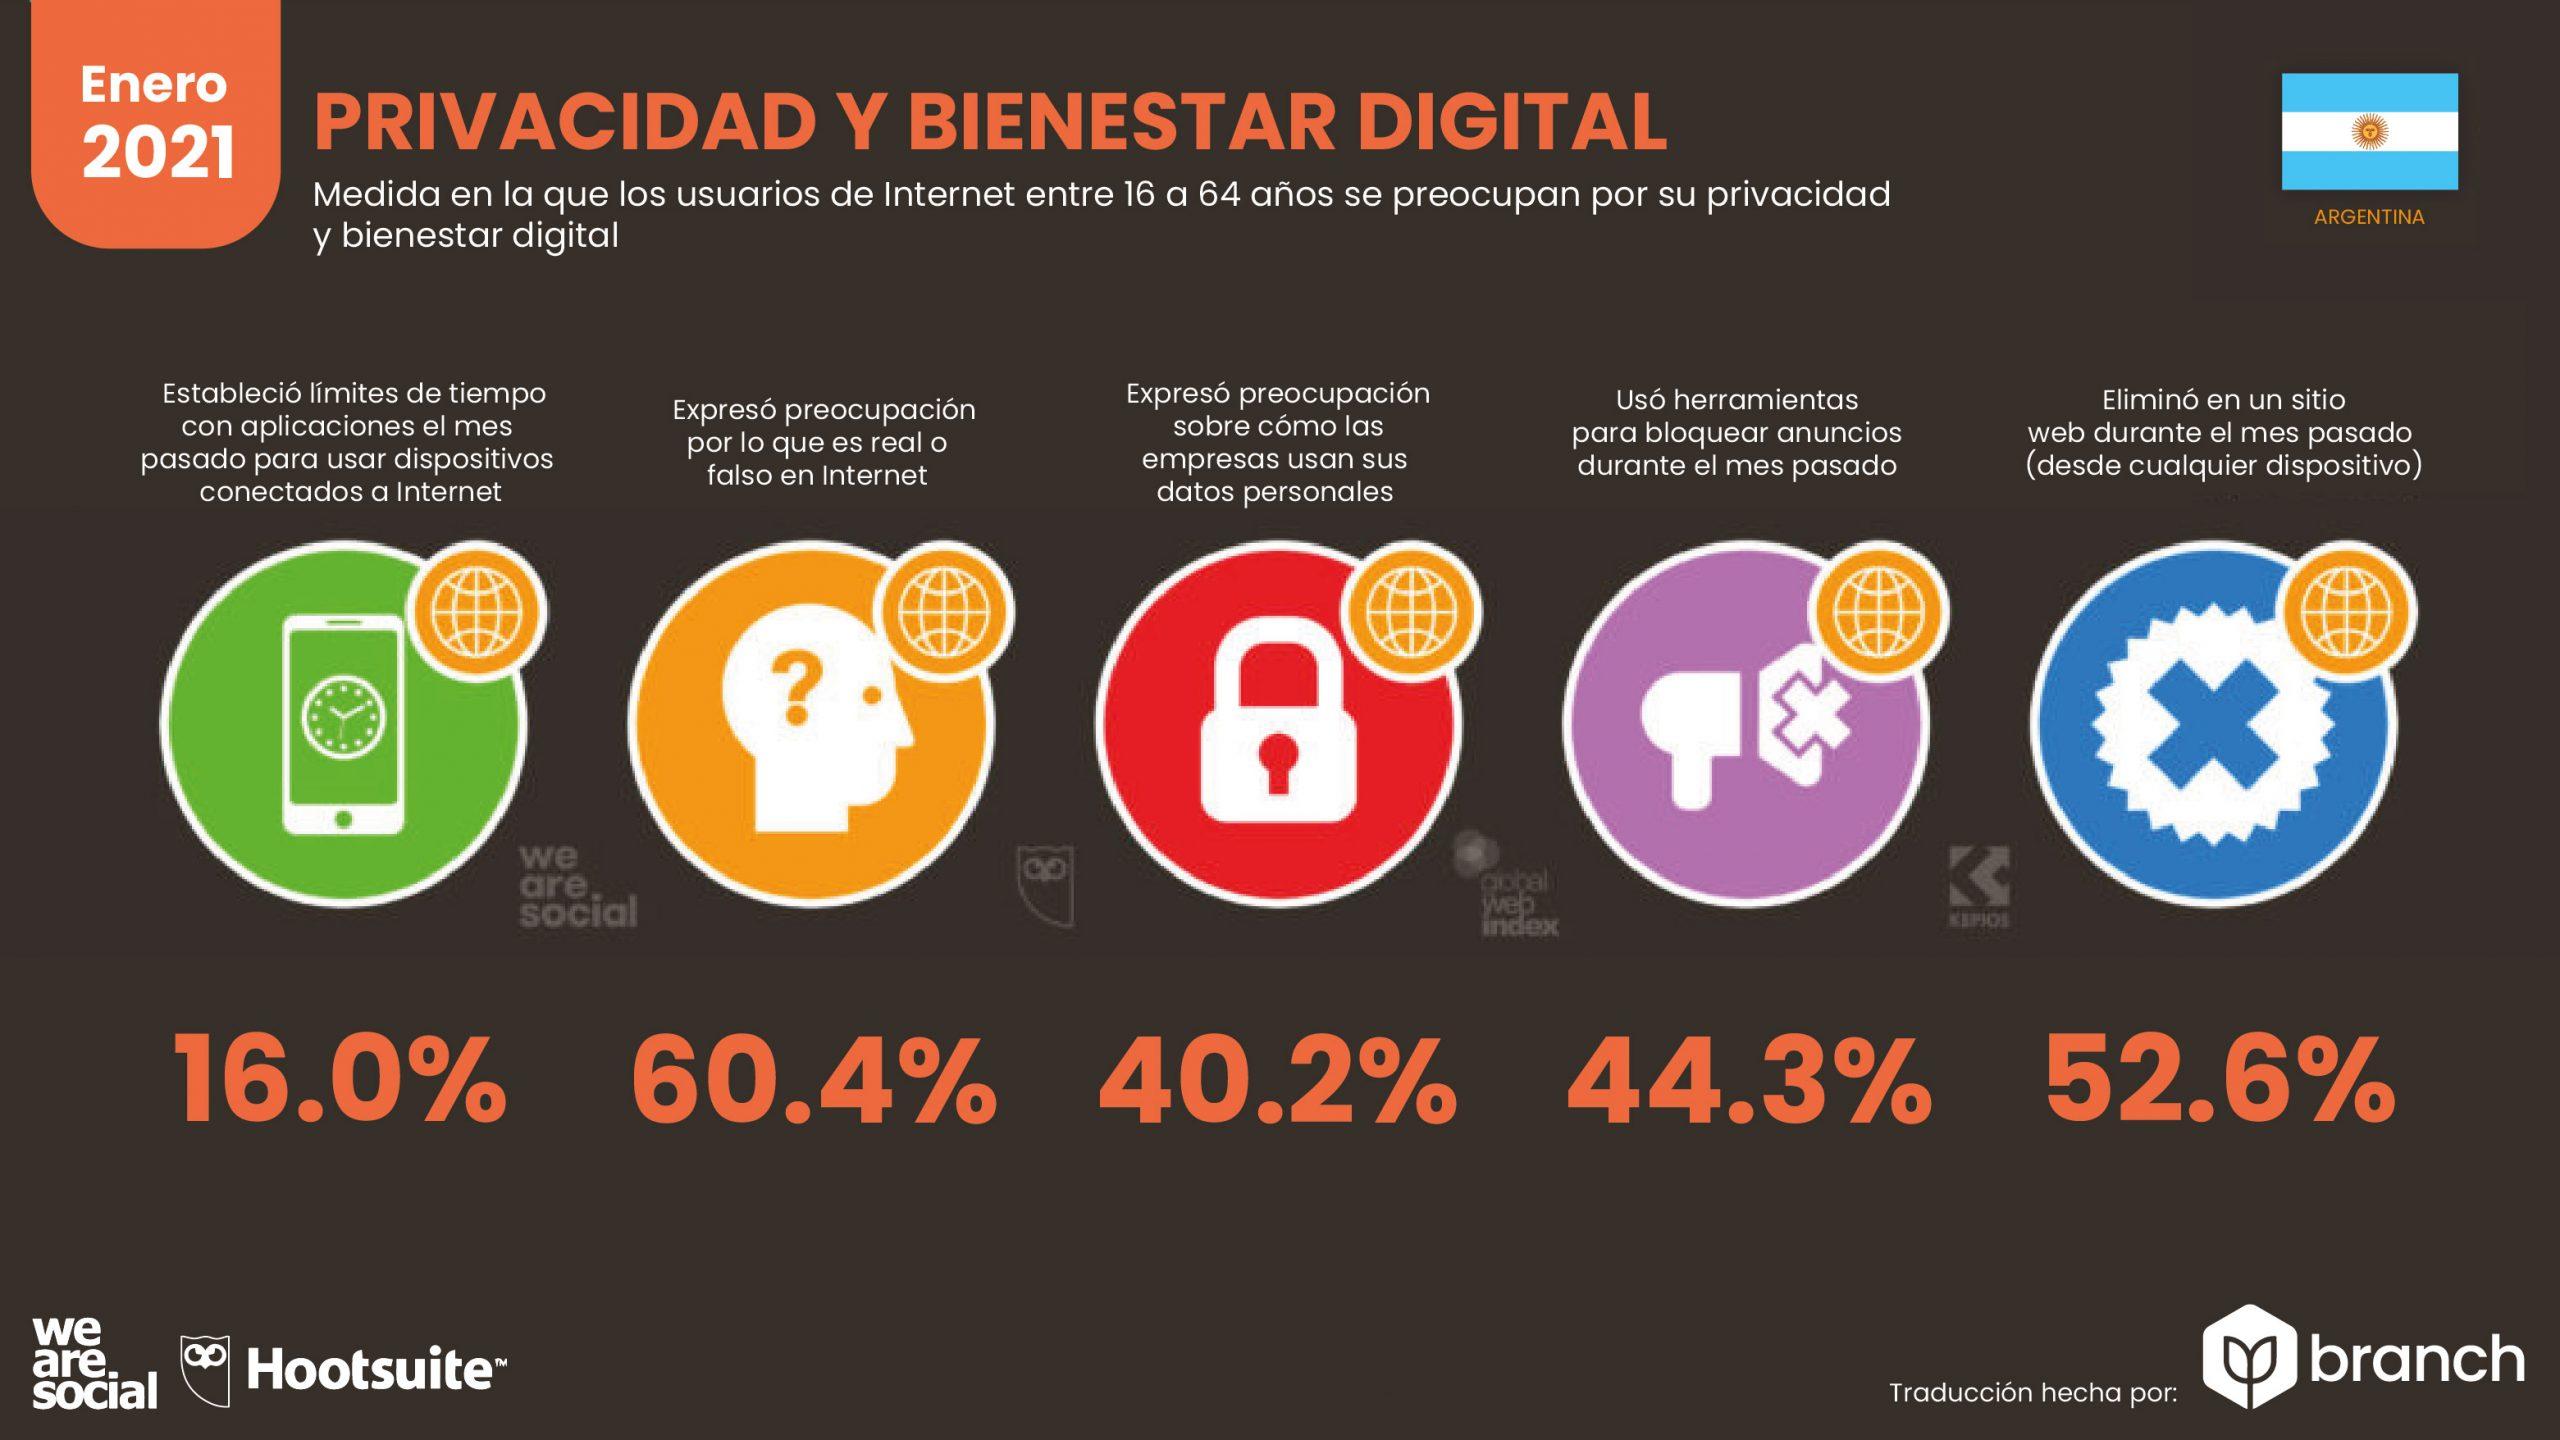 grafico-privacidad-y-bienestar-digital-argentina-2020-2021